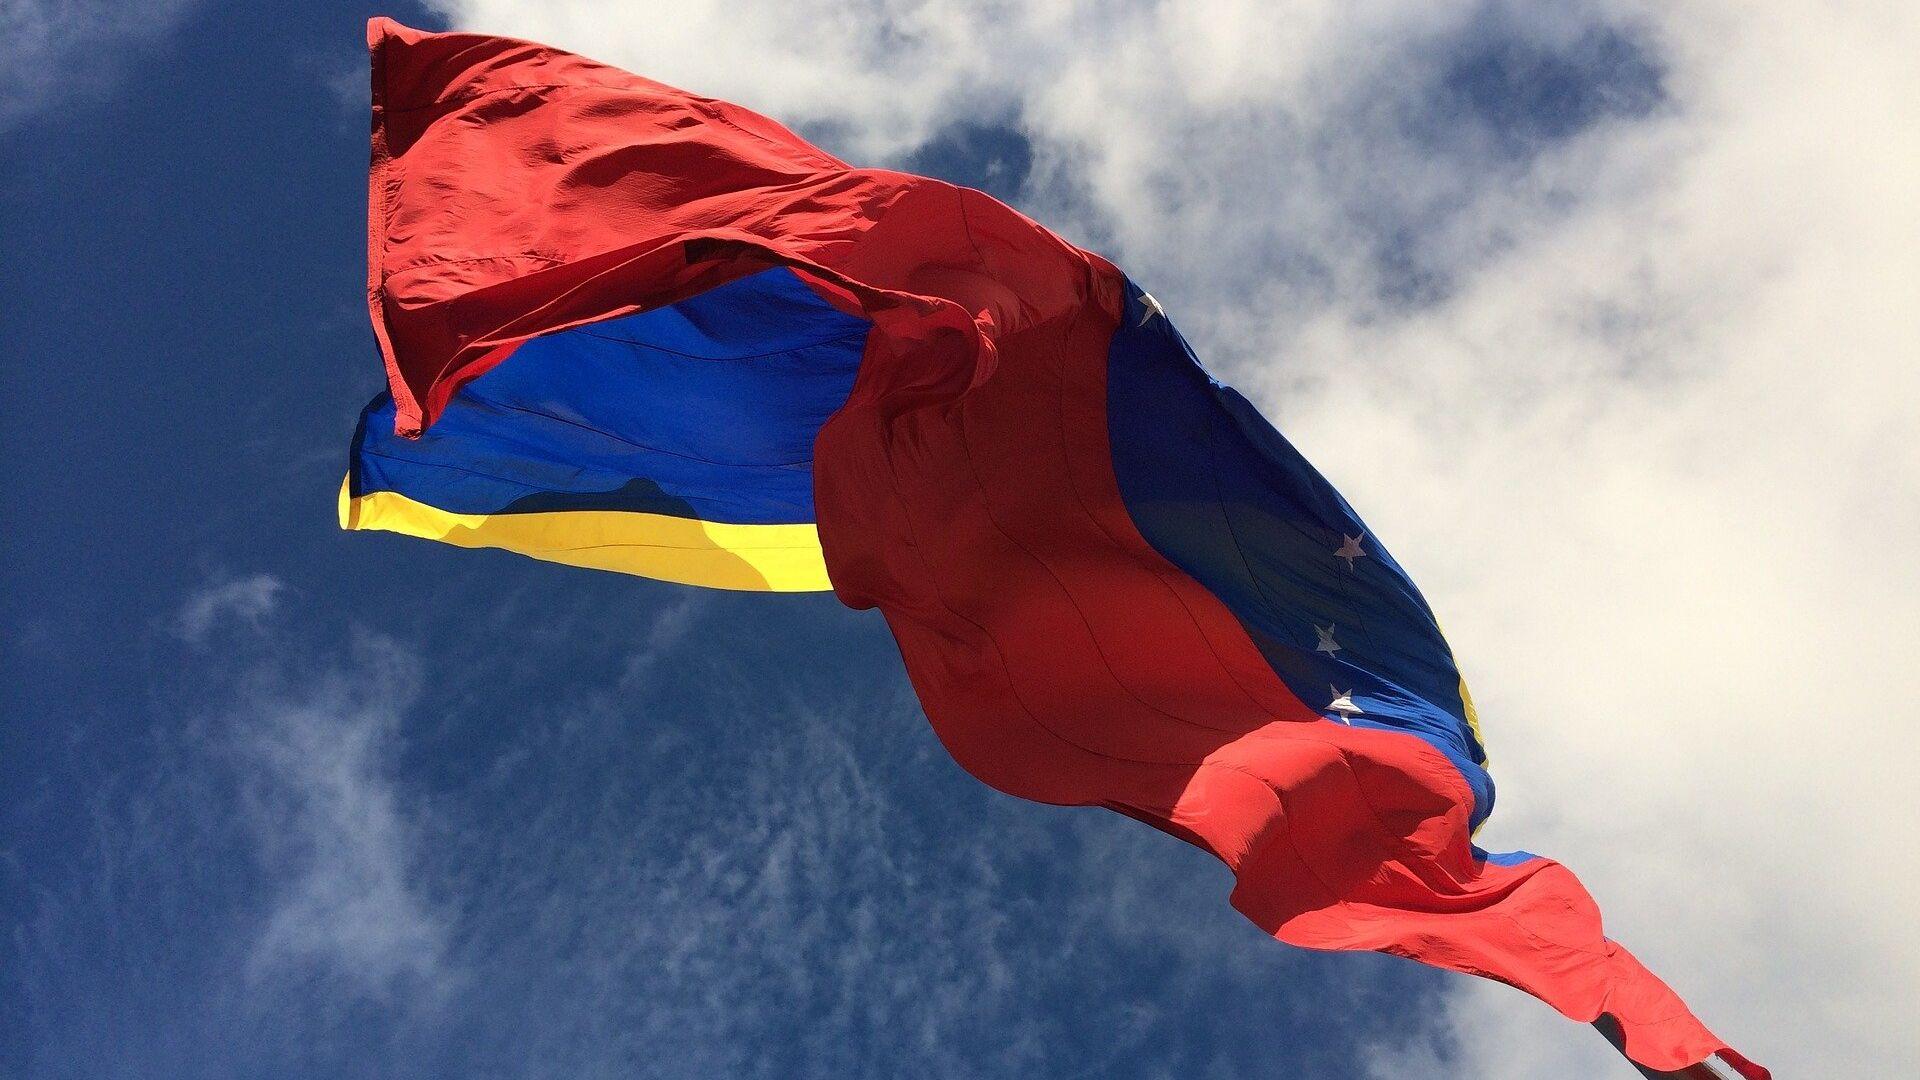 La bandera de Venezuela - Sputnik Mundo, 1920, 21.04.2021